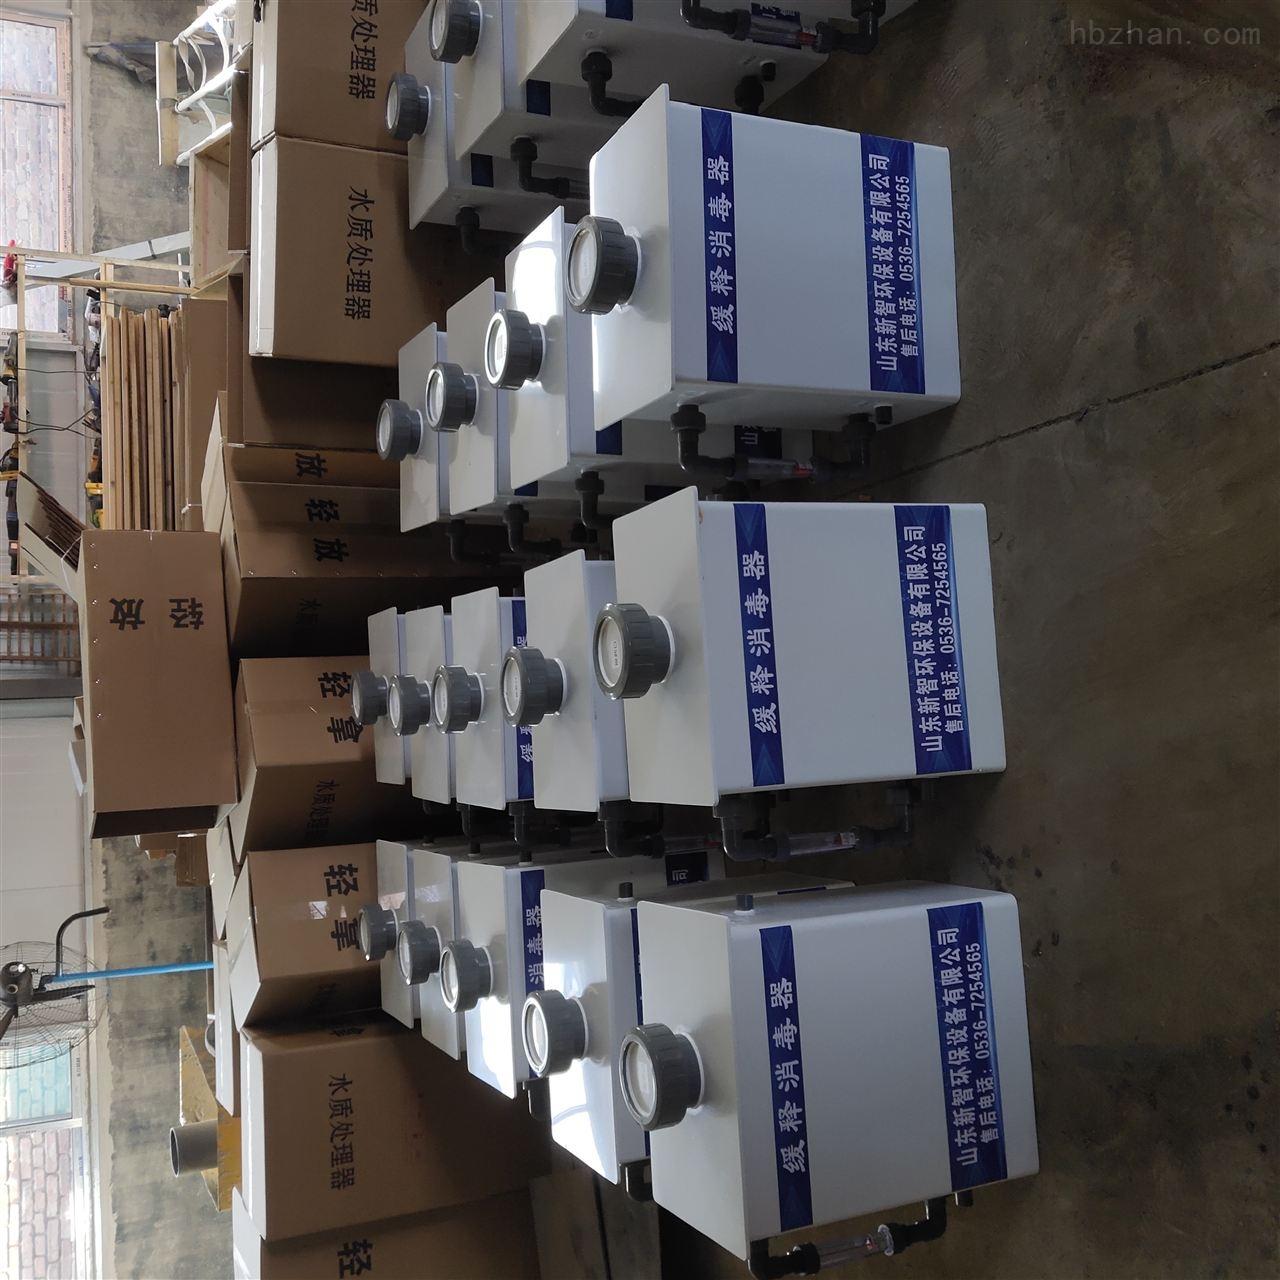 鸡西牙科污水处理设备品牌